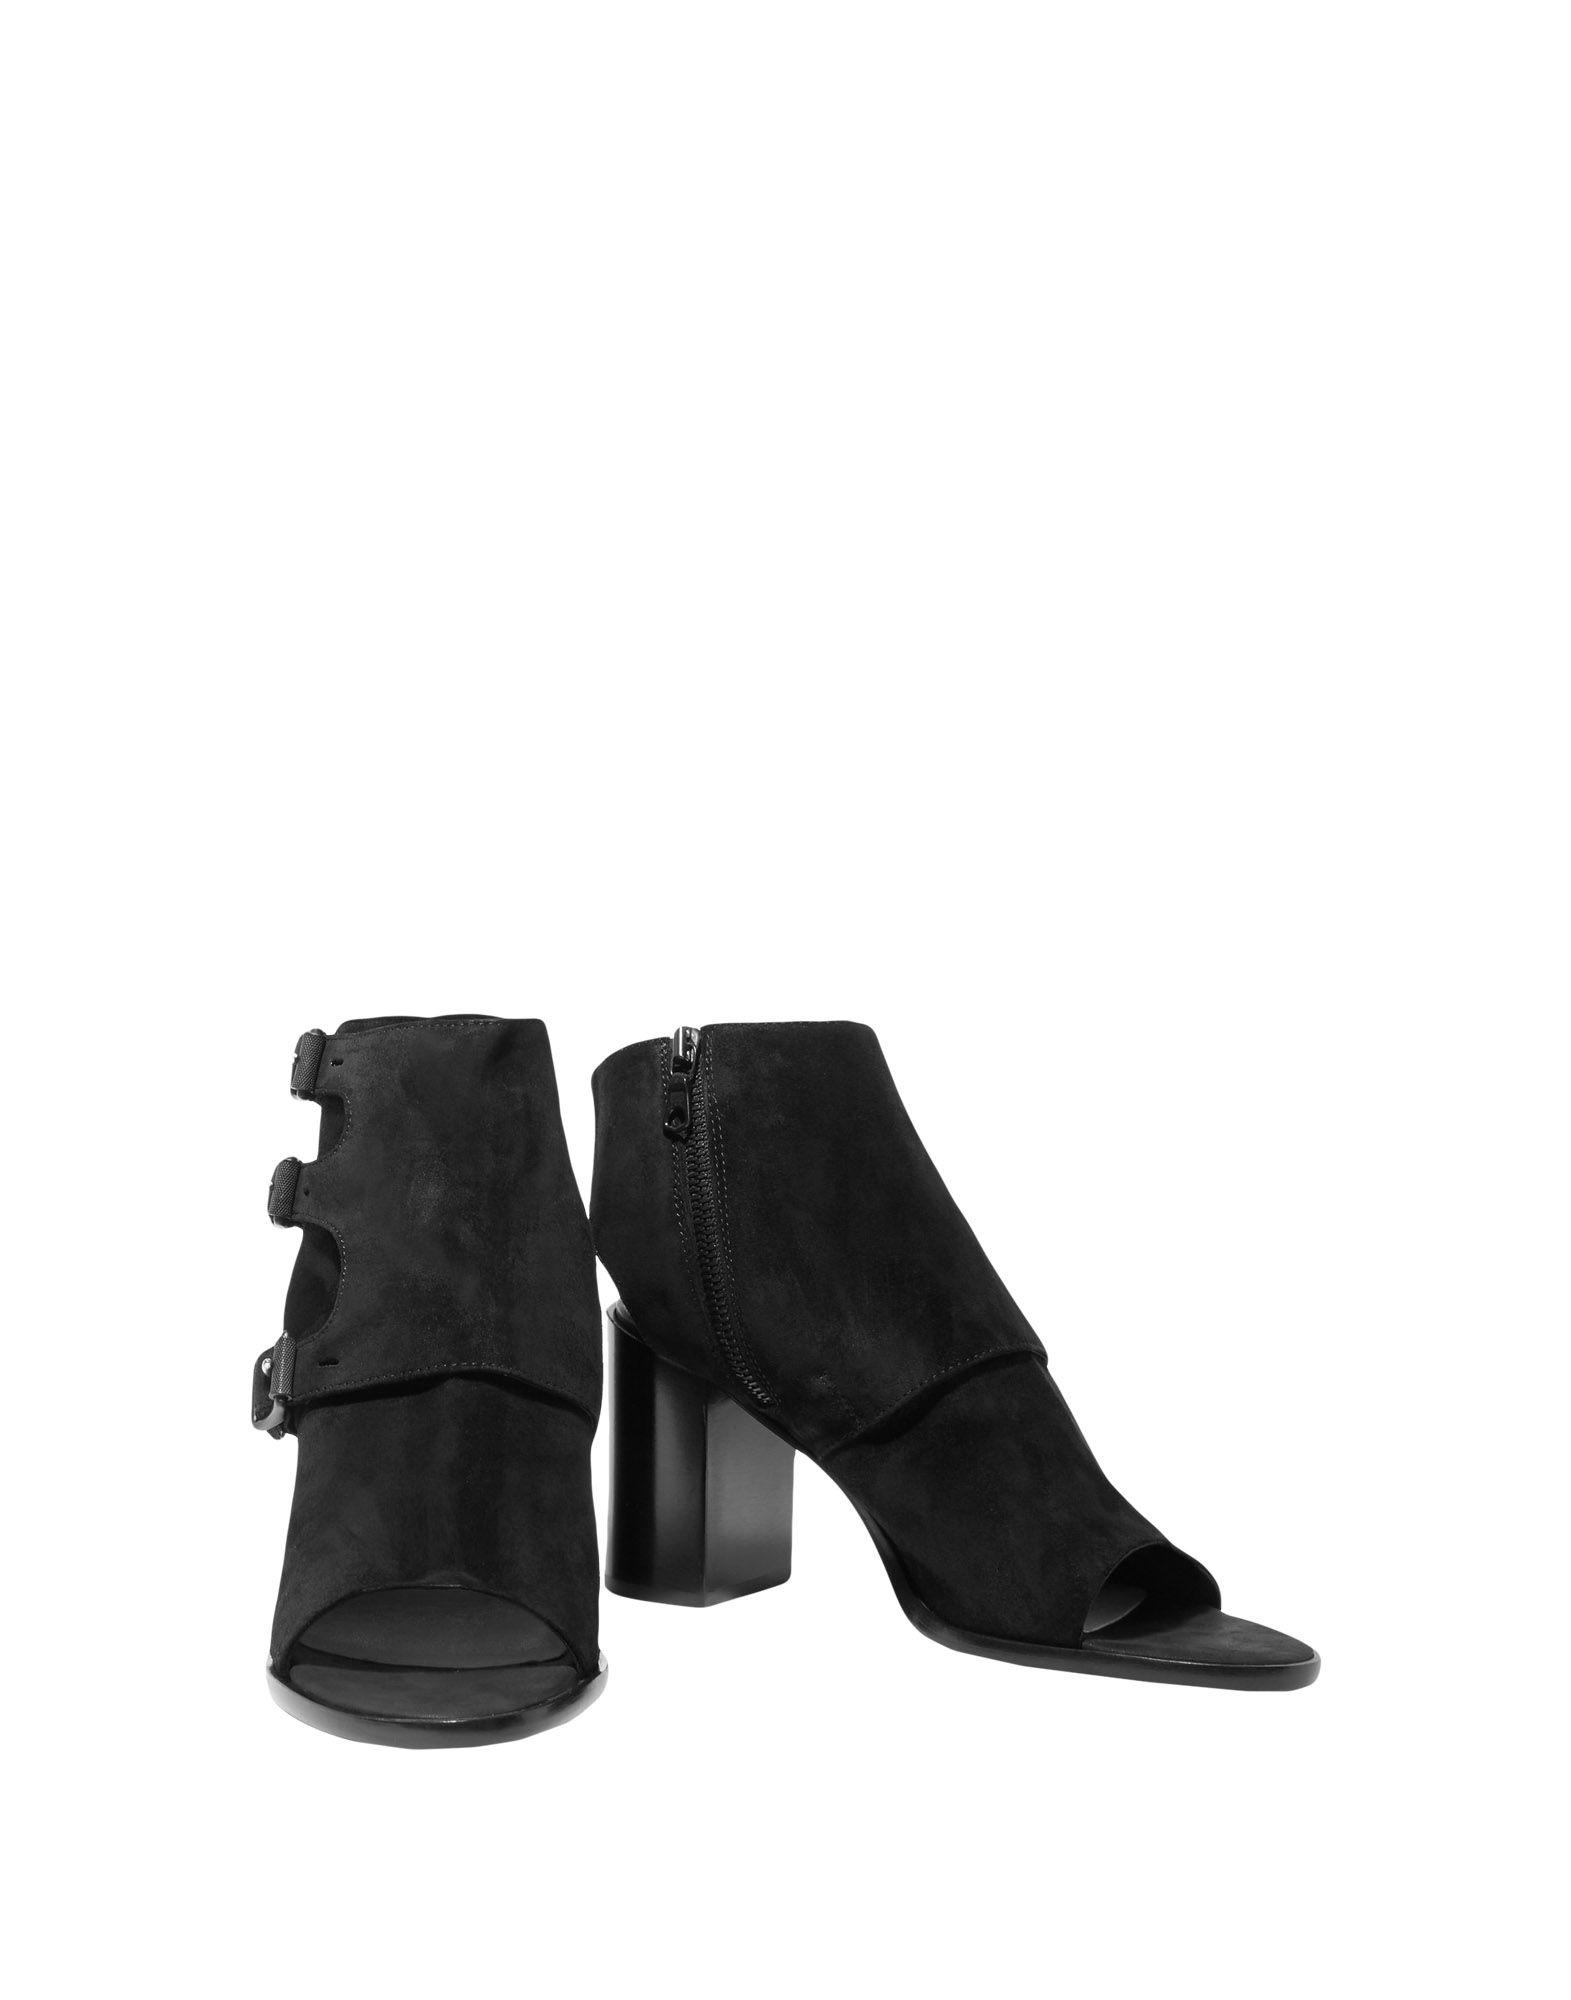 Rag & Neue Bone Stiefelette Damen  11524031XX Neue & Schuhe 7ebb56